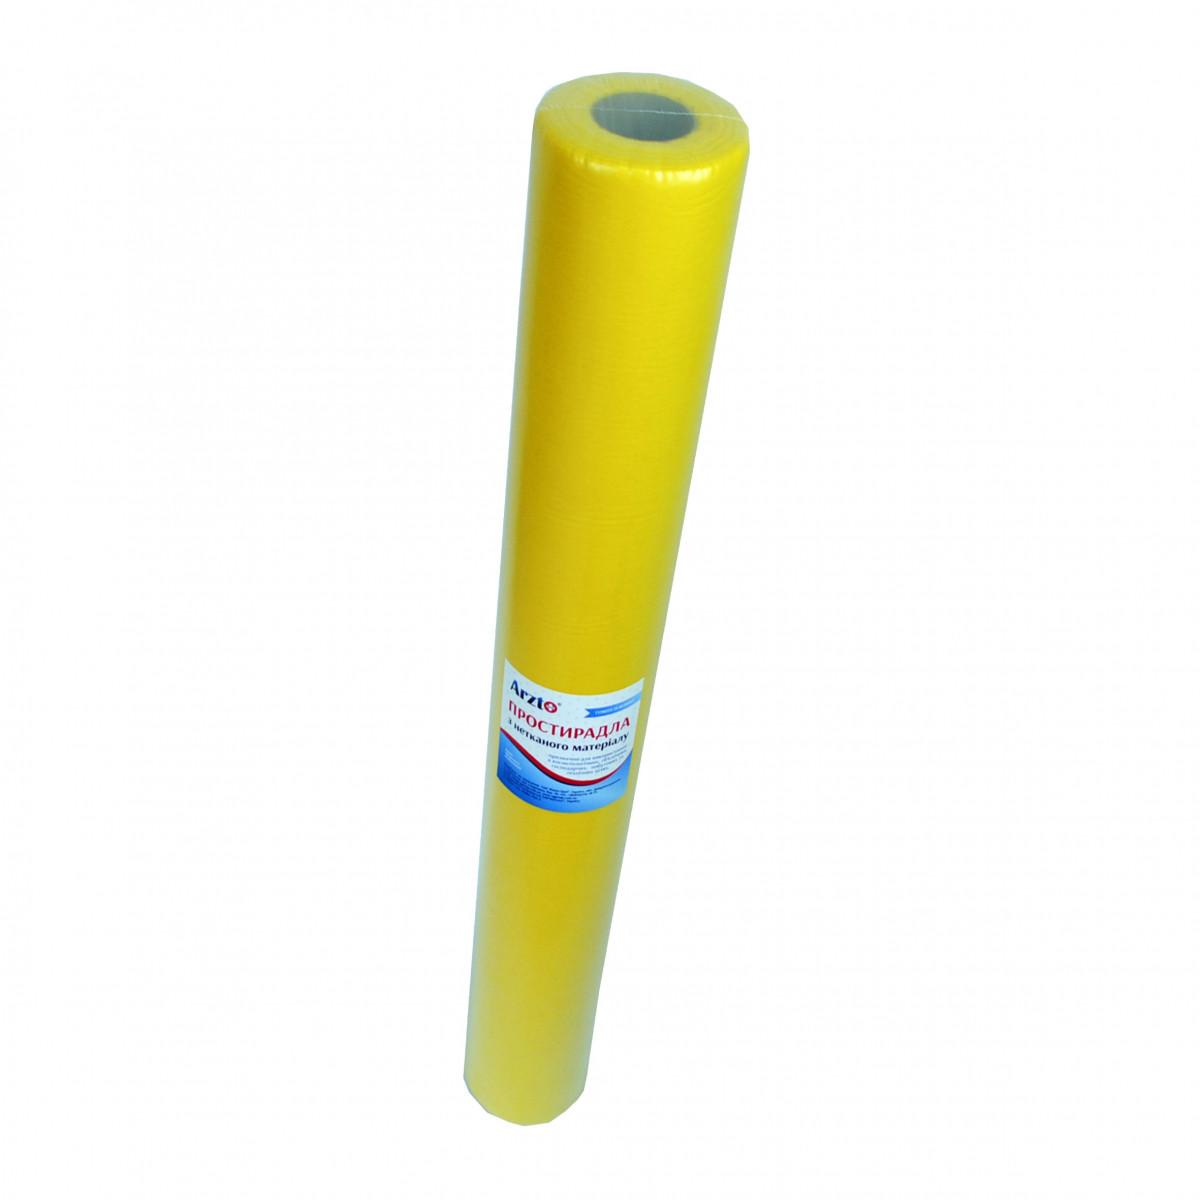 Рулон спанбонд Arzt plus 0,8х100 без перфорации (20 г/м2) желтый